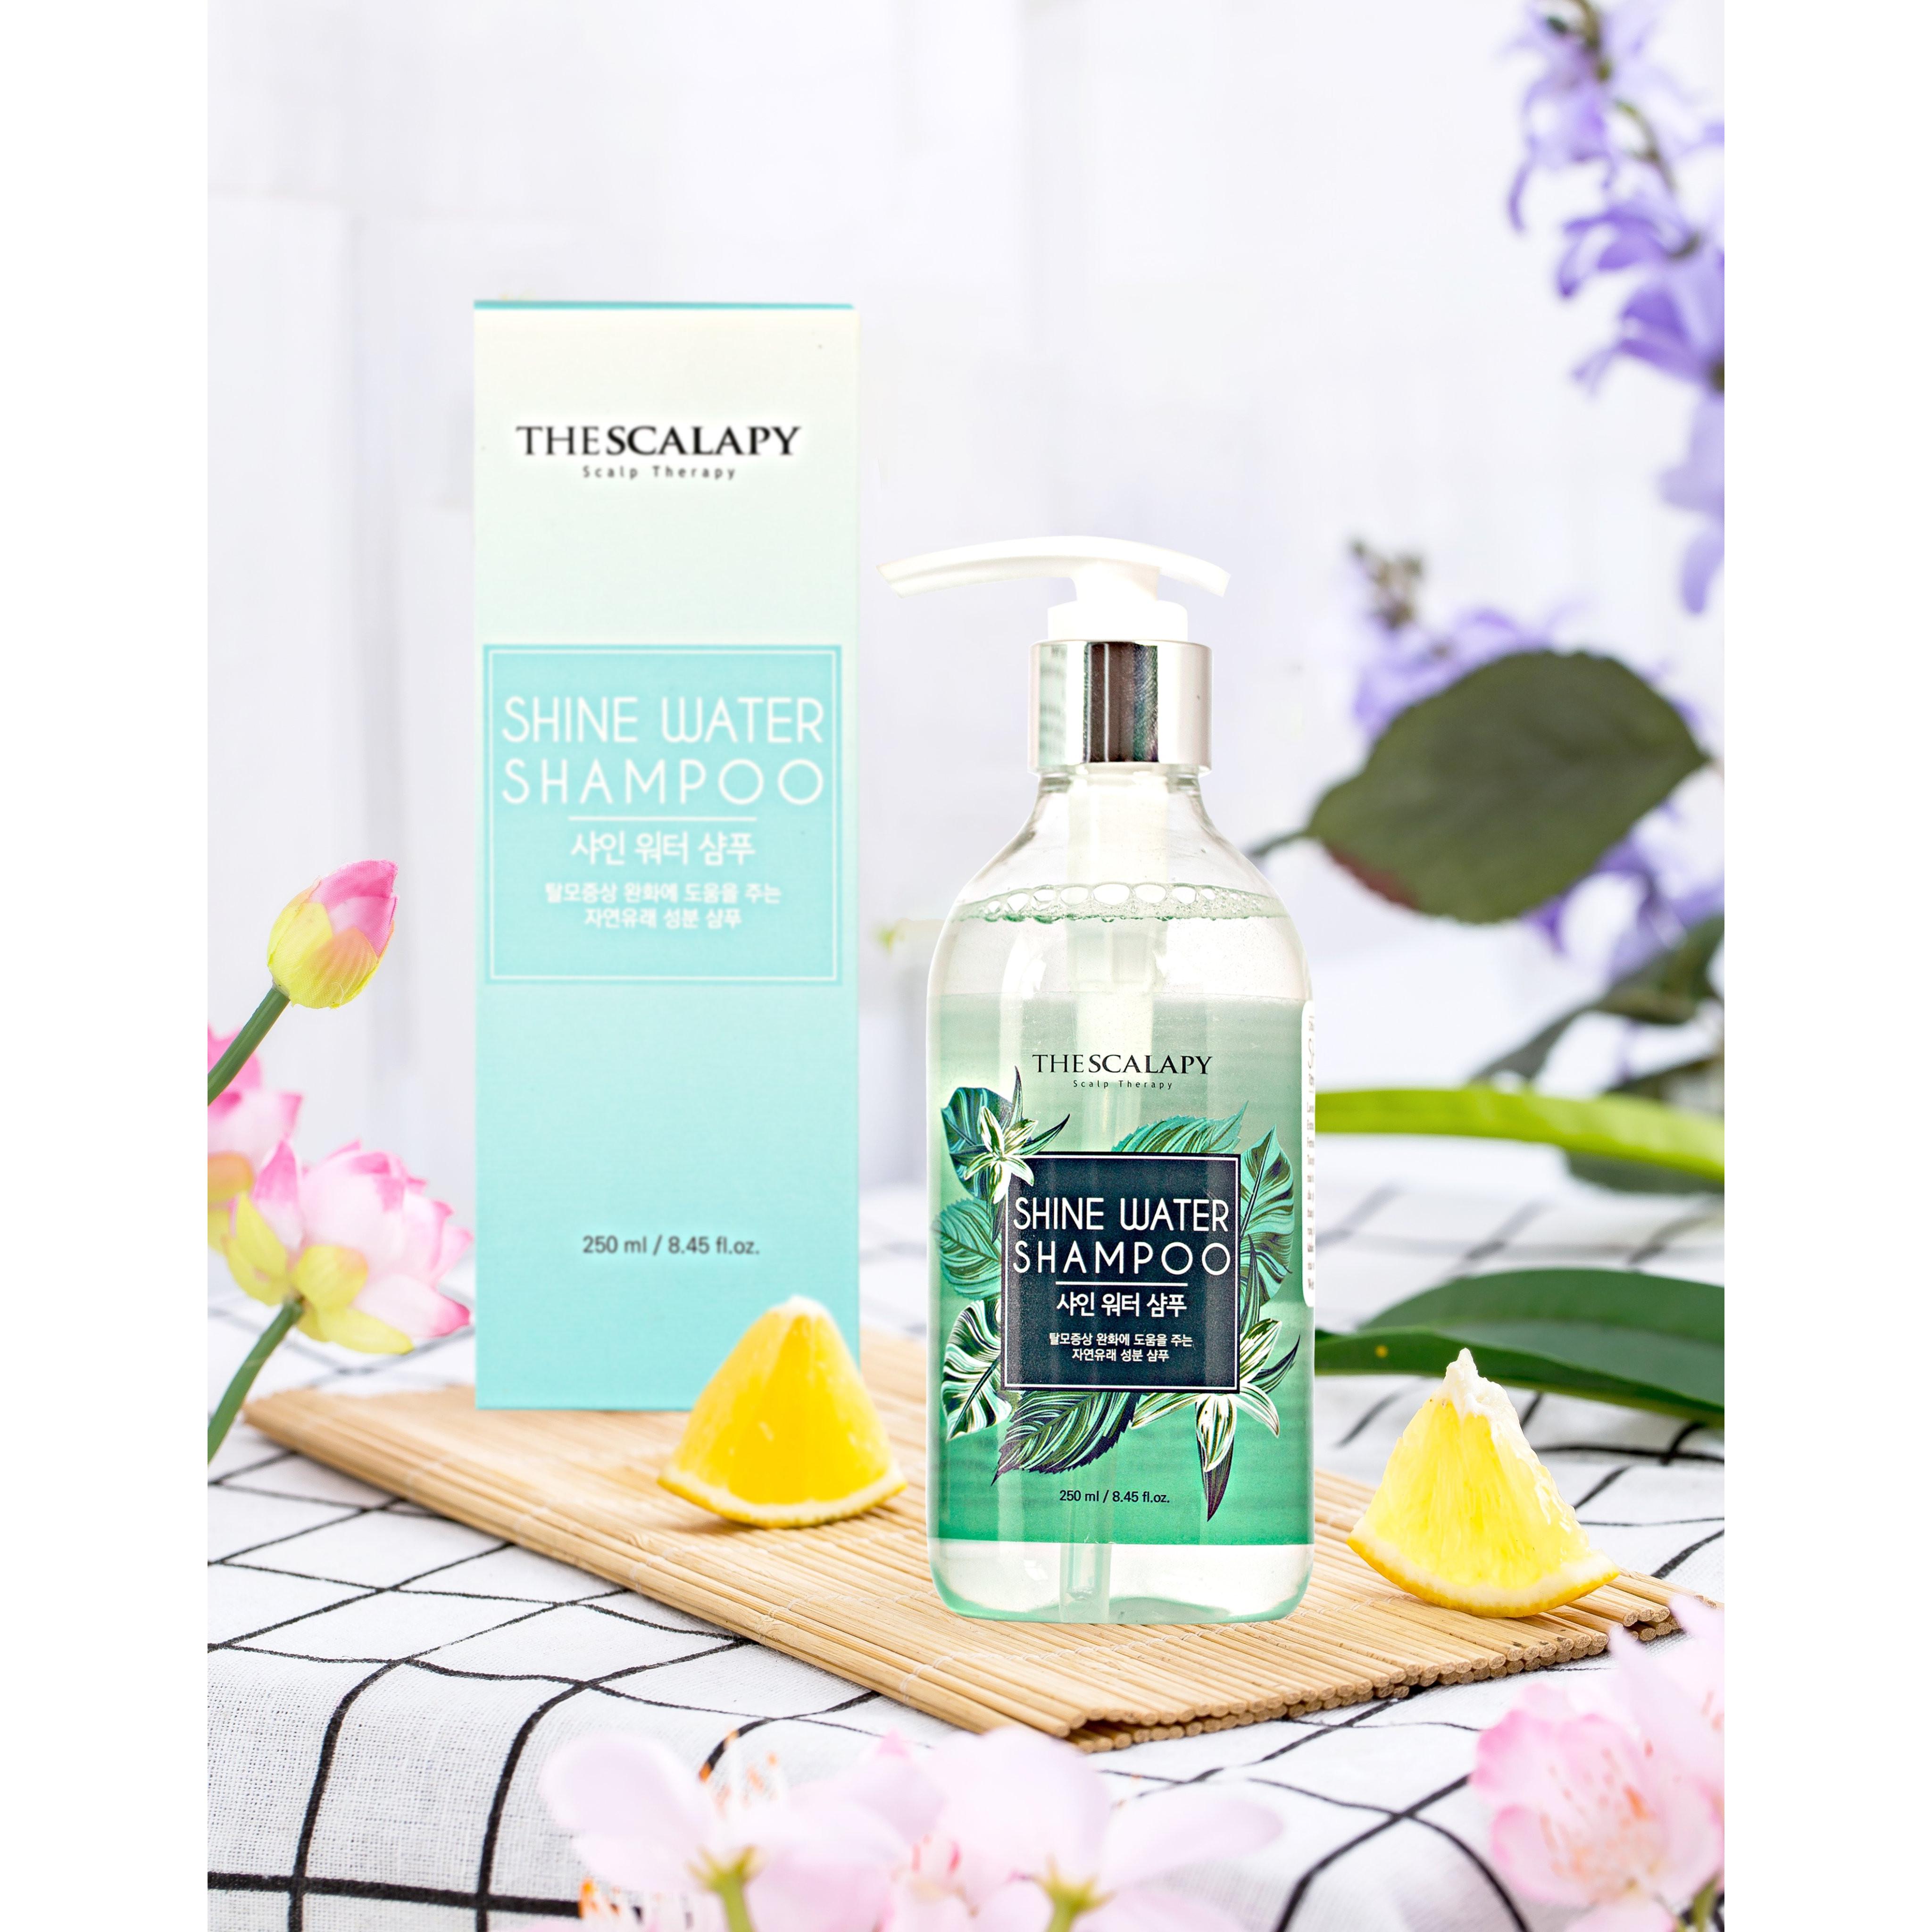 Dầu gội thảo dược Hàn Quốc Shine Water hỗ trợ điều trị rụng tóc, Kích thích mọc tóc, Cấp ẩm sâu cho tóc, Phù hợp người bị rụng tóc, hói đầu, tóc khô xơ gãy rụng, tóc mỏng, tóc yếu, tóc xoăn, Phụ nữ mang thai